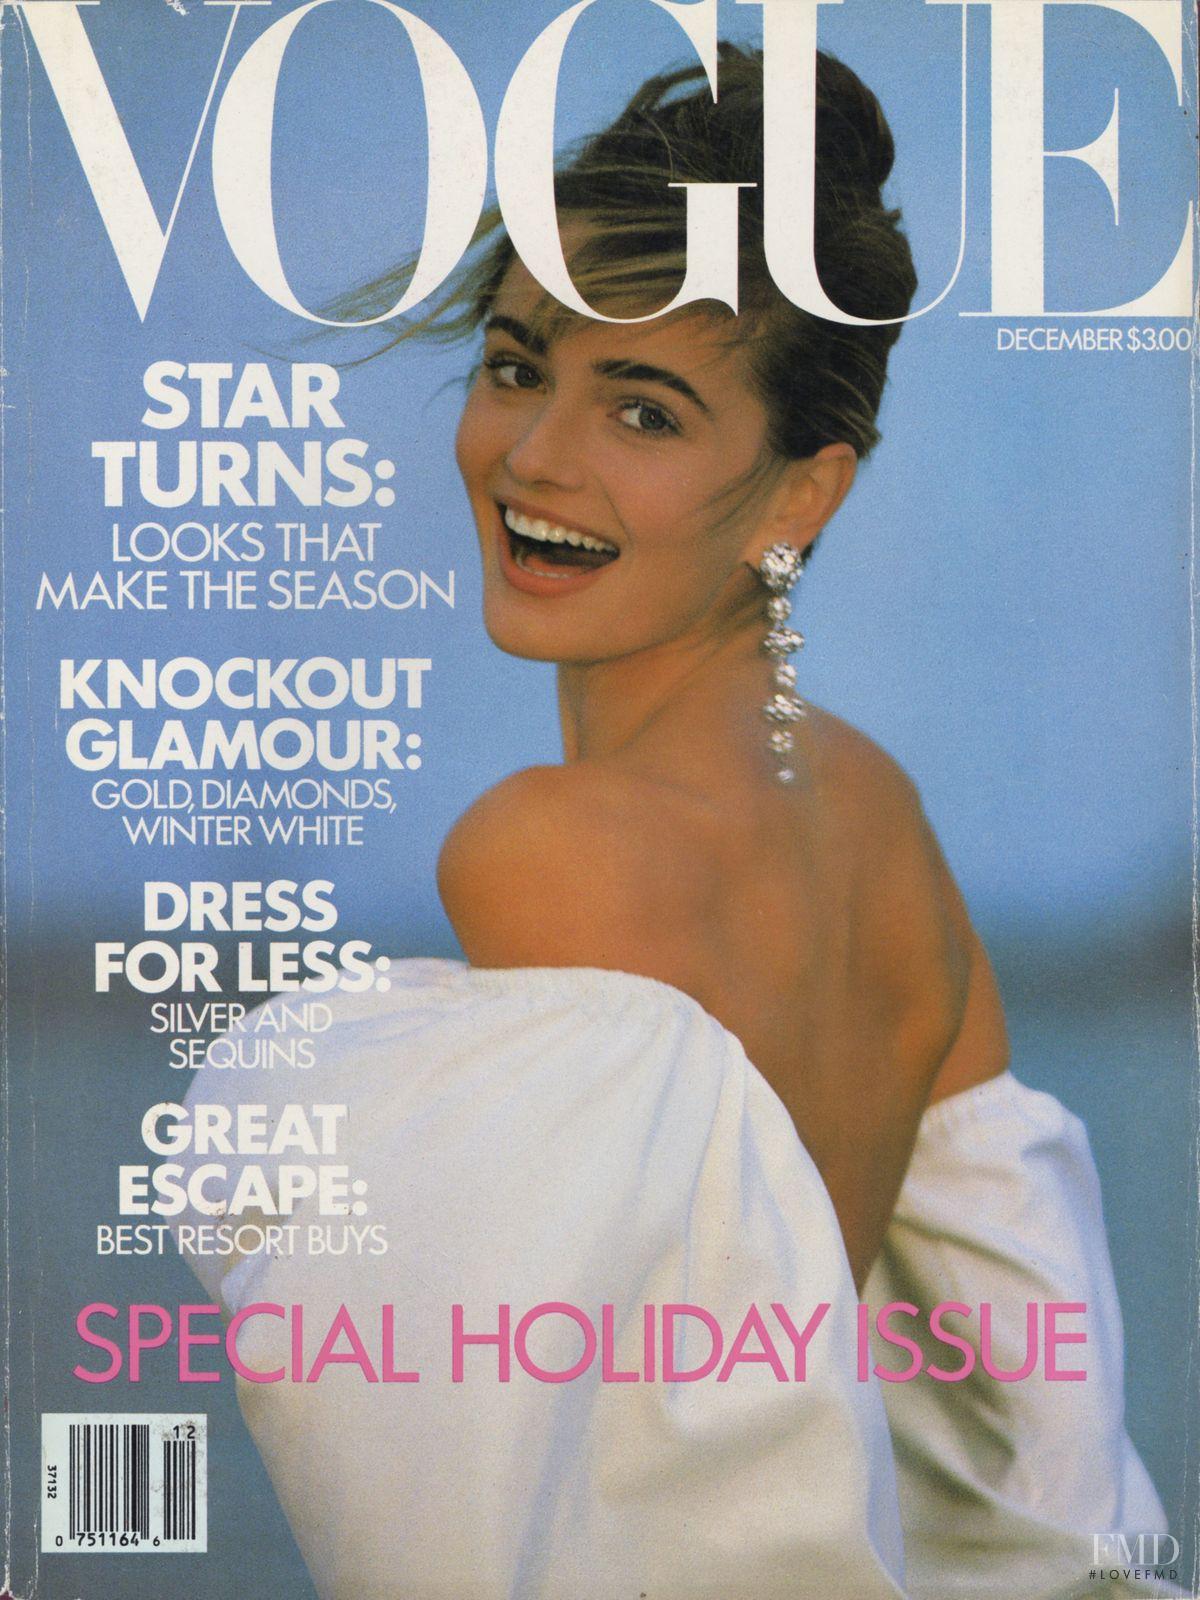 Vogue Usa Magazine Subscription: Cover Of Vogue USA With Paulina Porizkova, December 1989